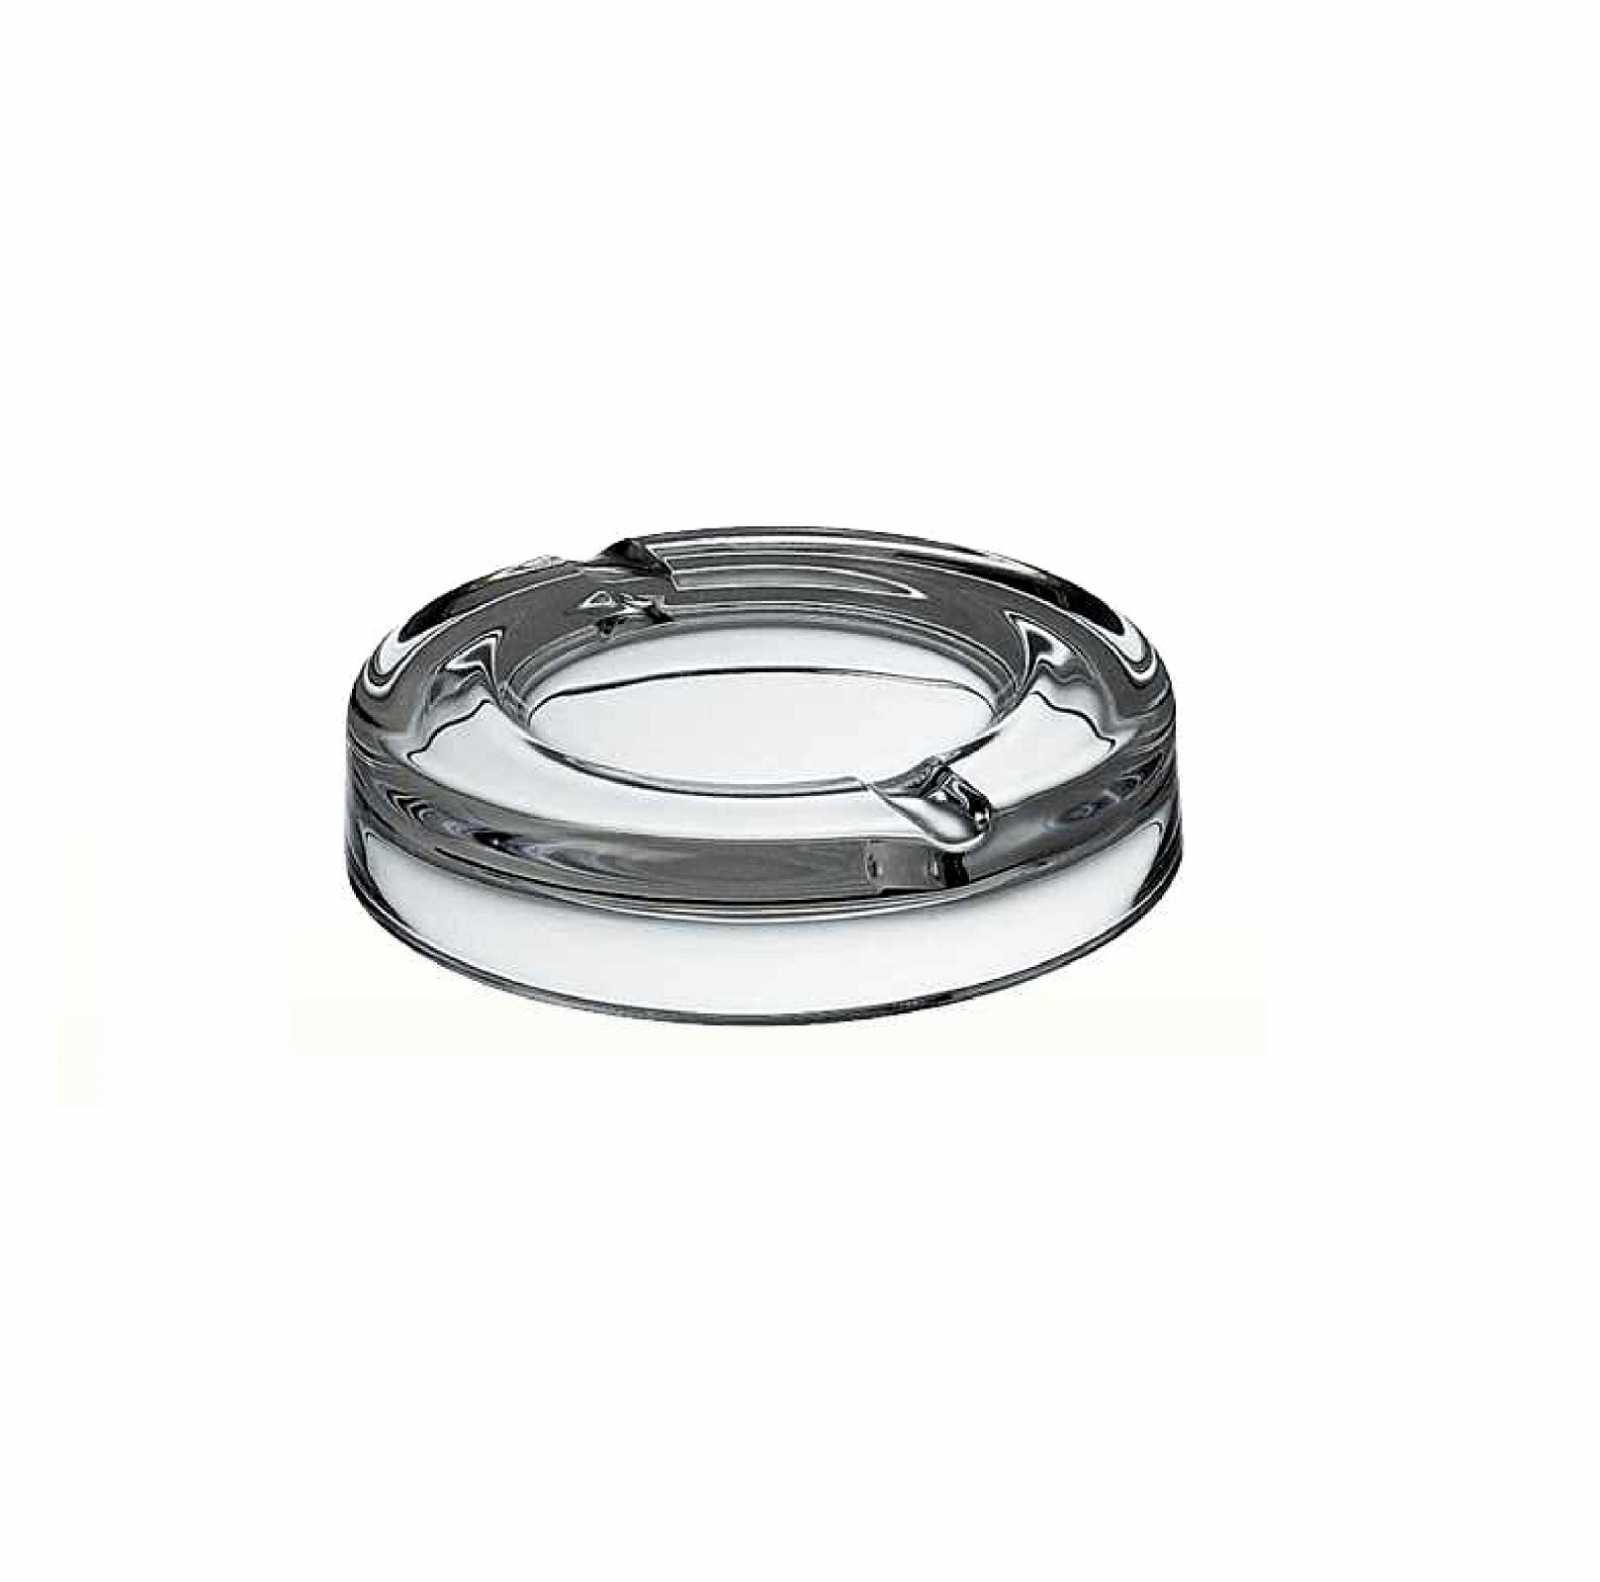 Пепельница стеклянная Vidivi RIALTO, диаметр 18 см, прозрачный Vidivi 60208EM фото 1